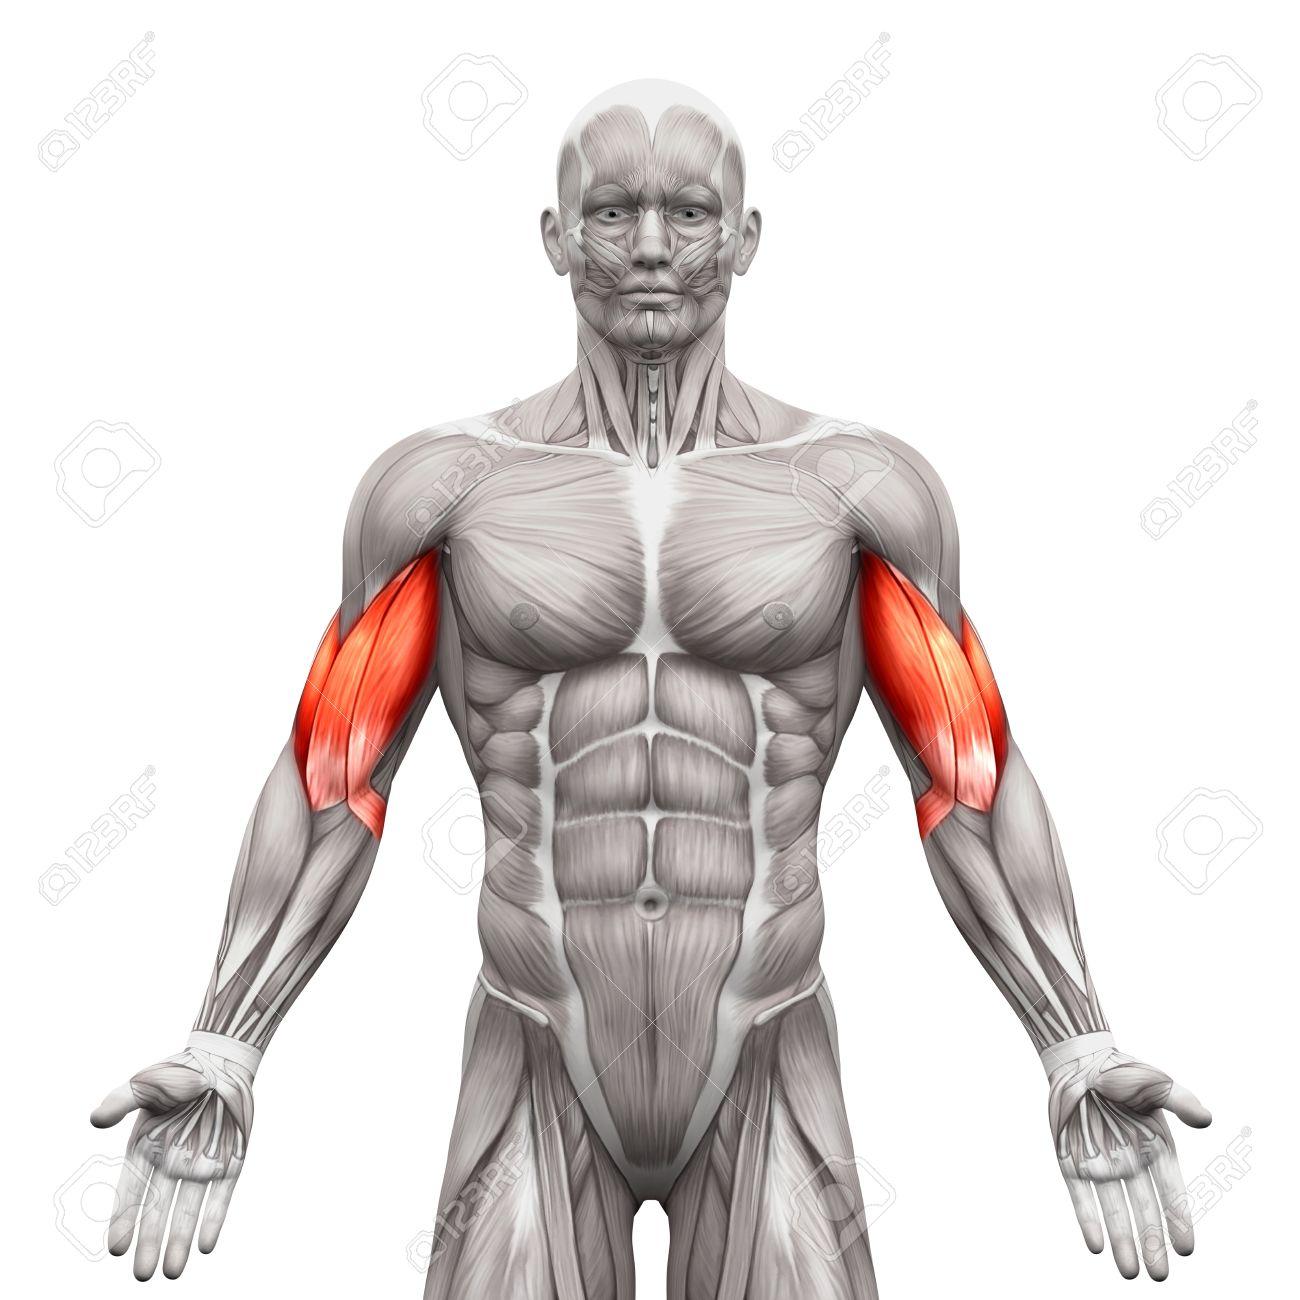 Los Músculos Bíceps - Músculos Anatomía Aislados En El Blanco ...